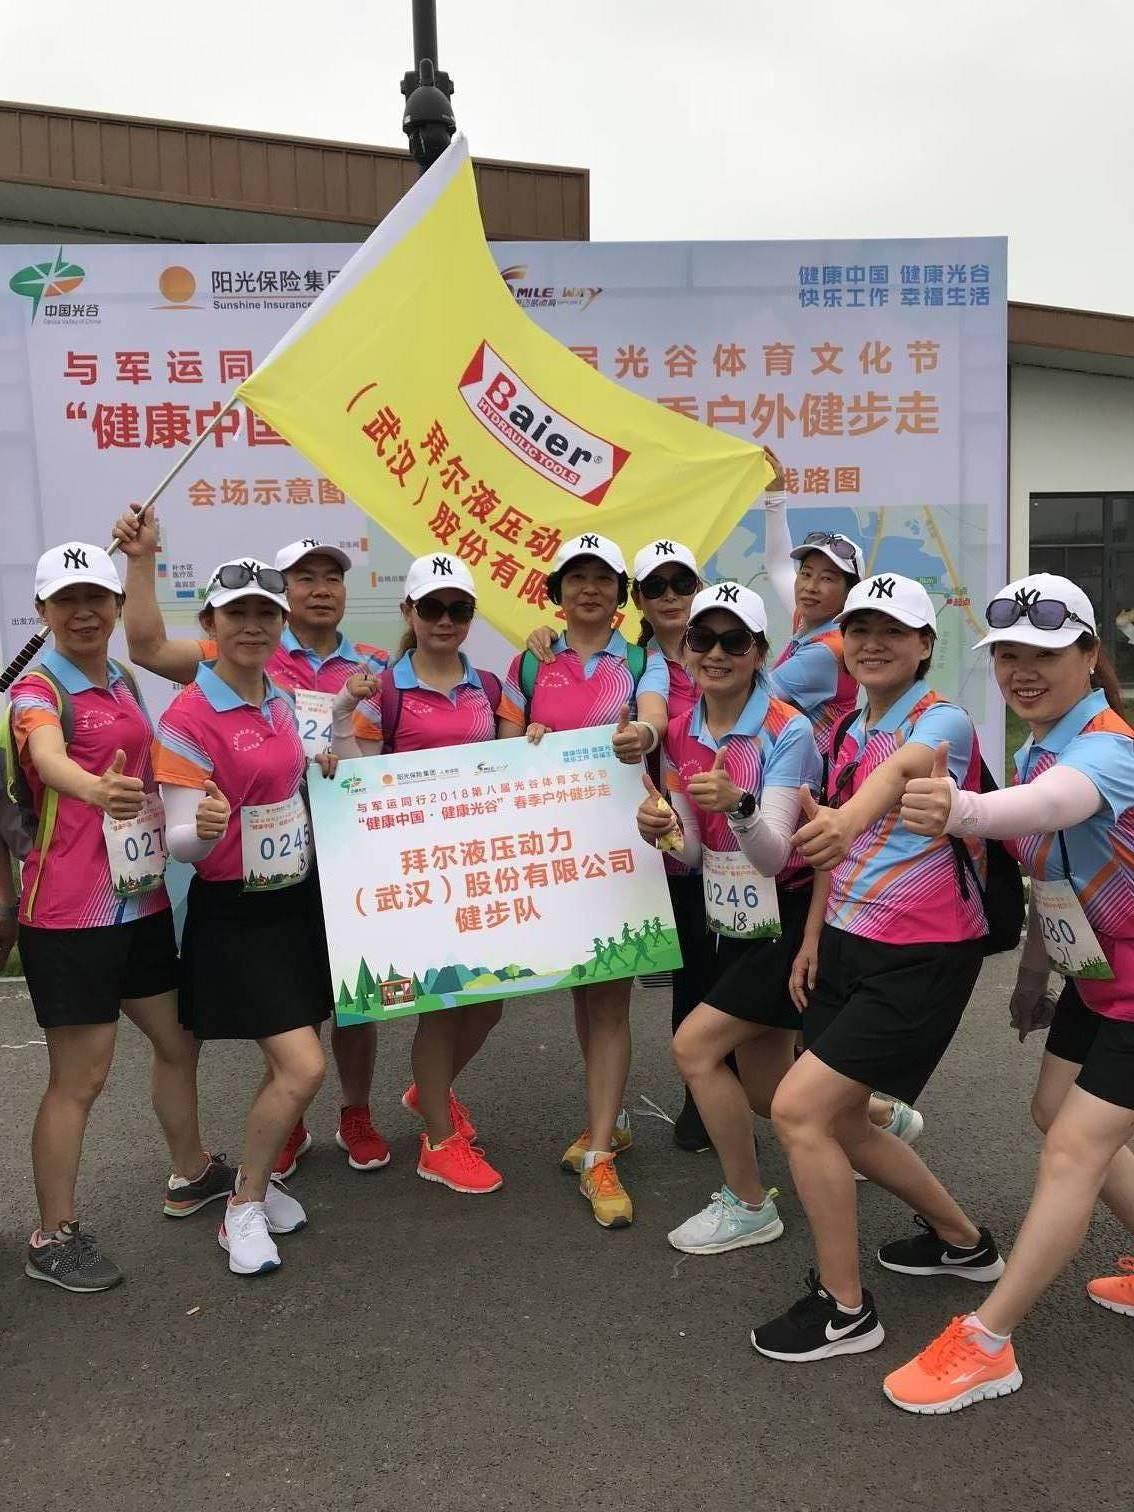 拜尔徒步队参加与军运同行2018第八届光谷体育文化节健步走